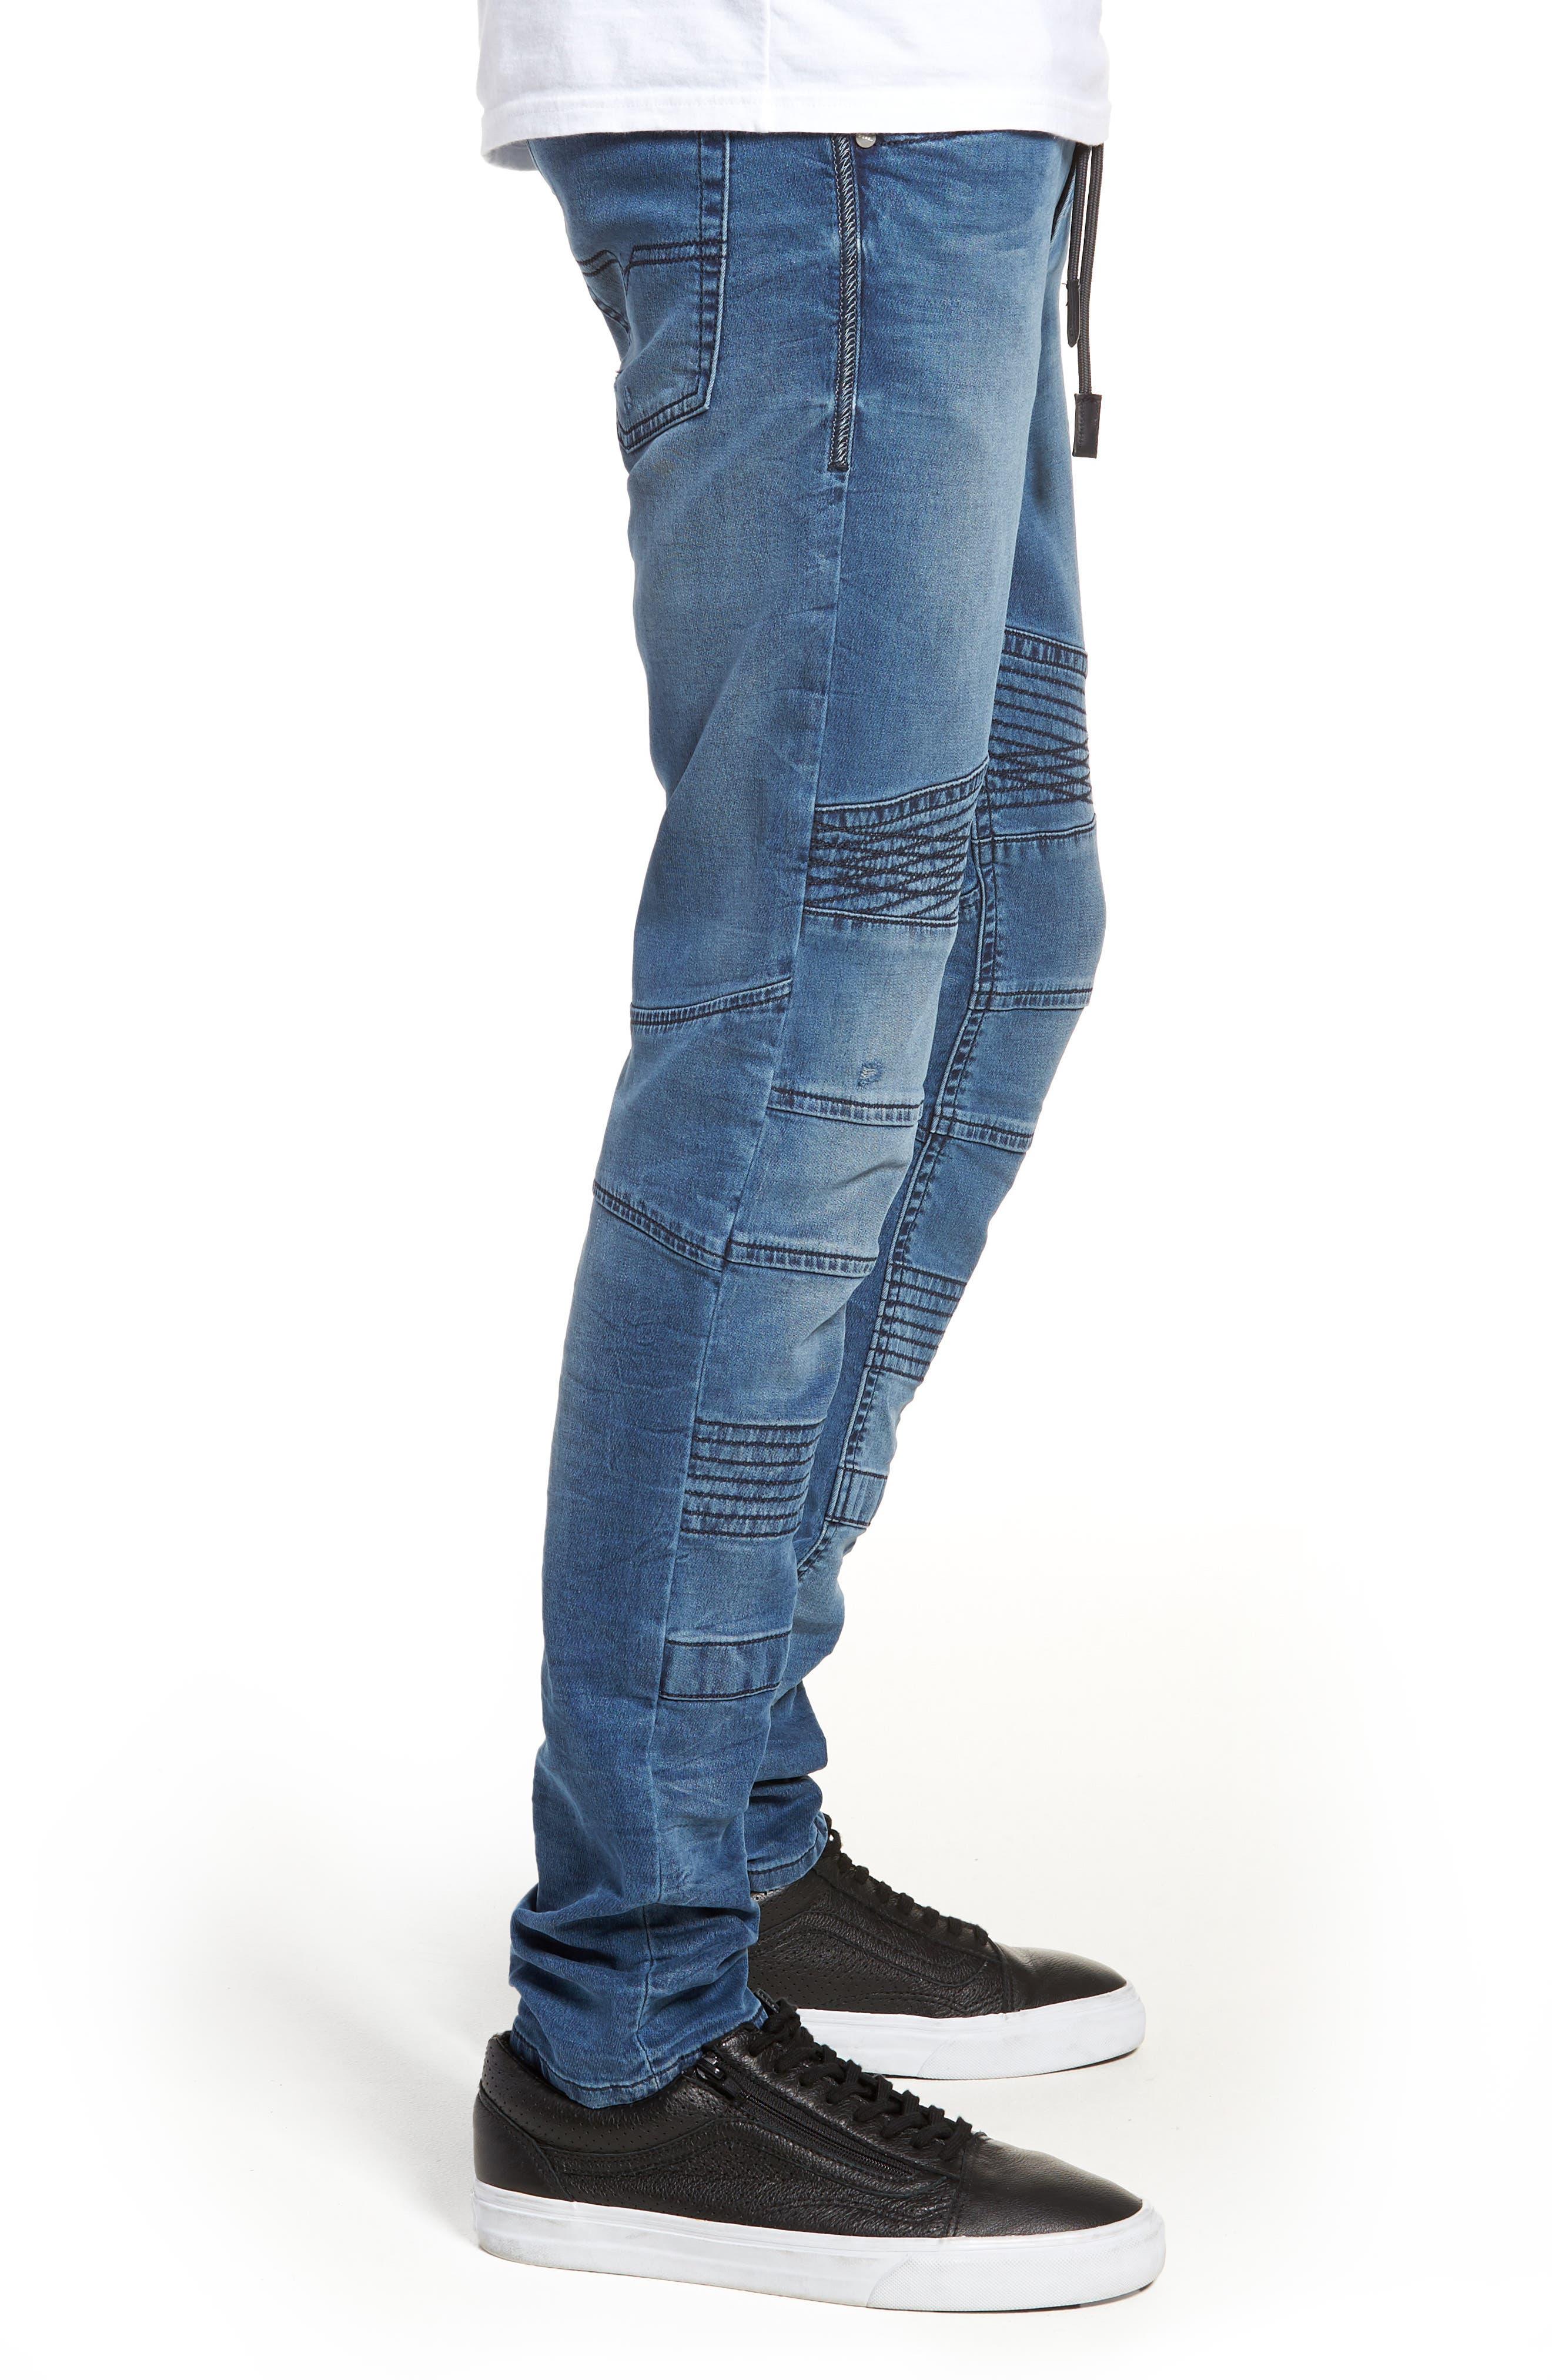 Bakari Skinny Fit Jeans,                             Alternate thumbnail 3, color,                             0688Y